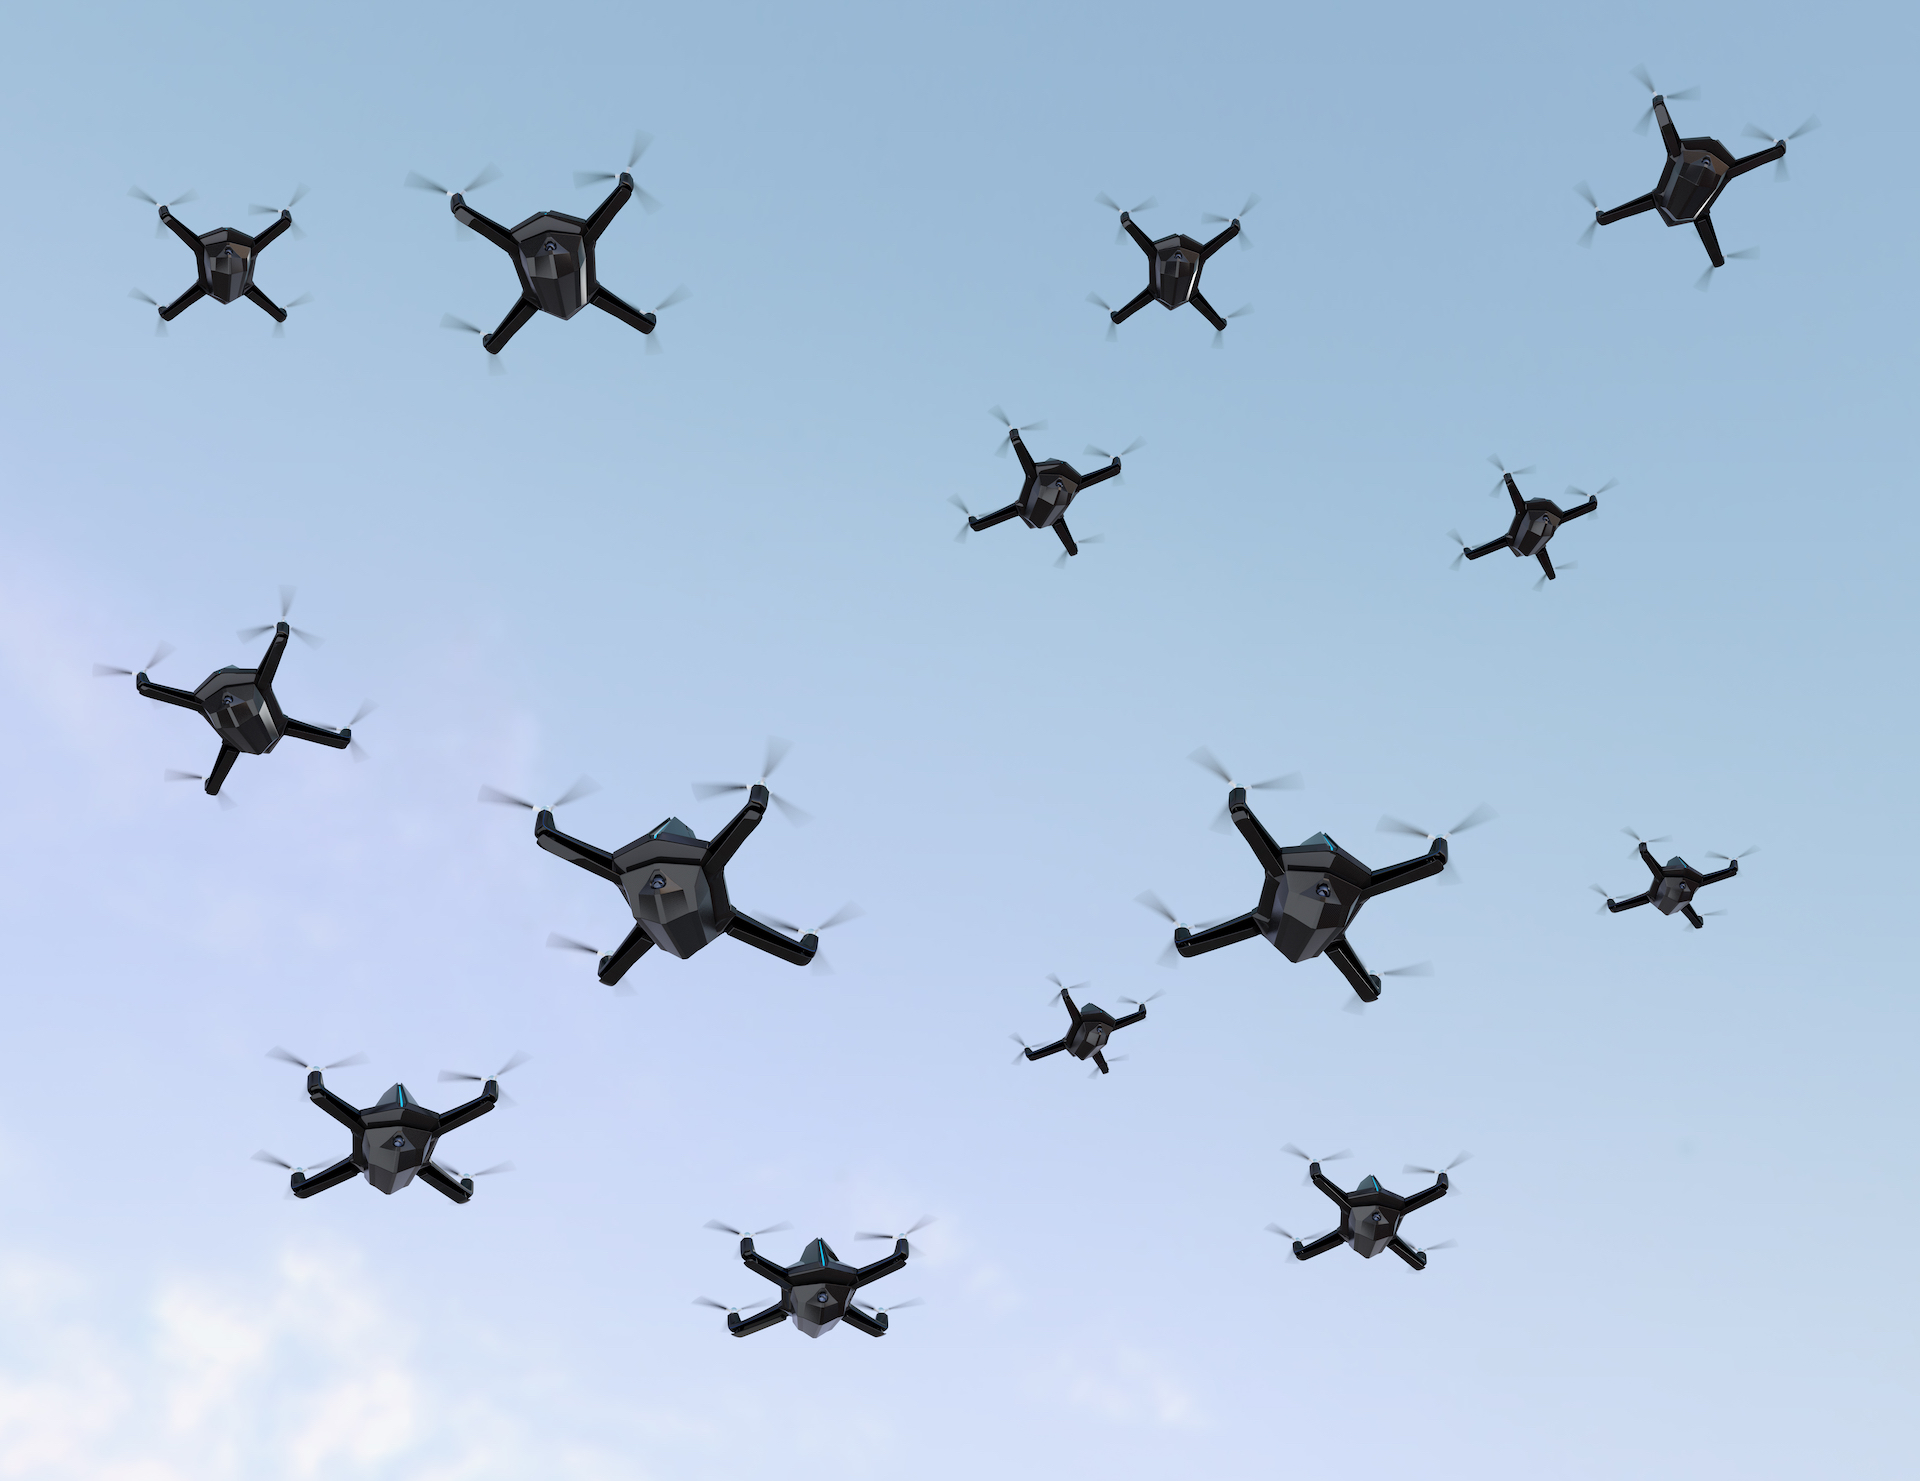 全世界首次! 以色列向哈馬斯武裝分子發動無人機蜂群攻擊